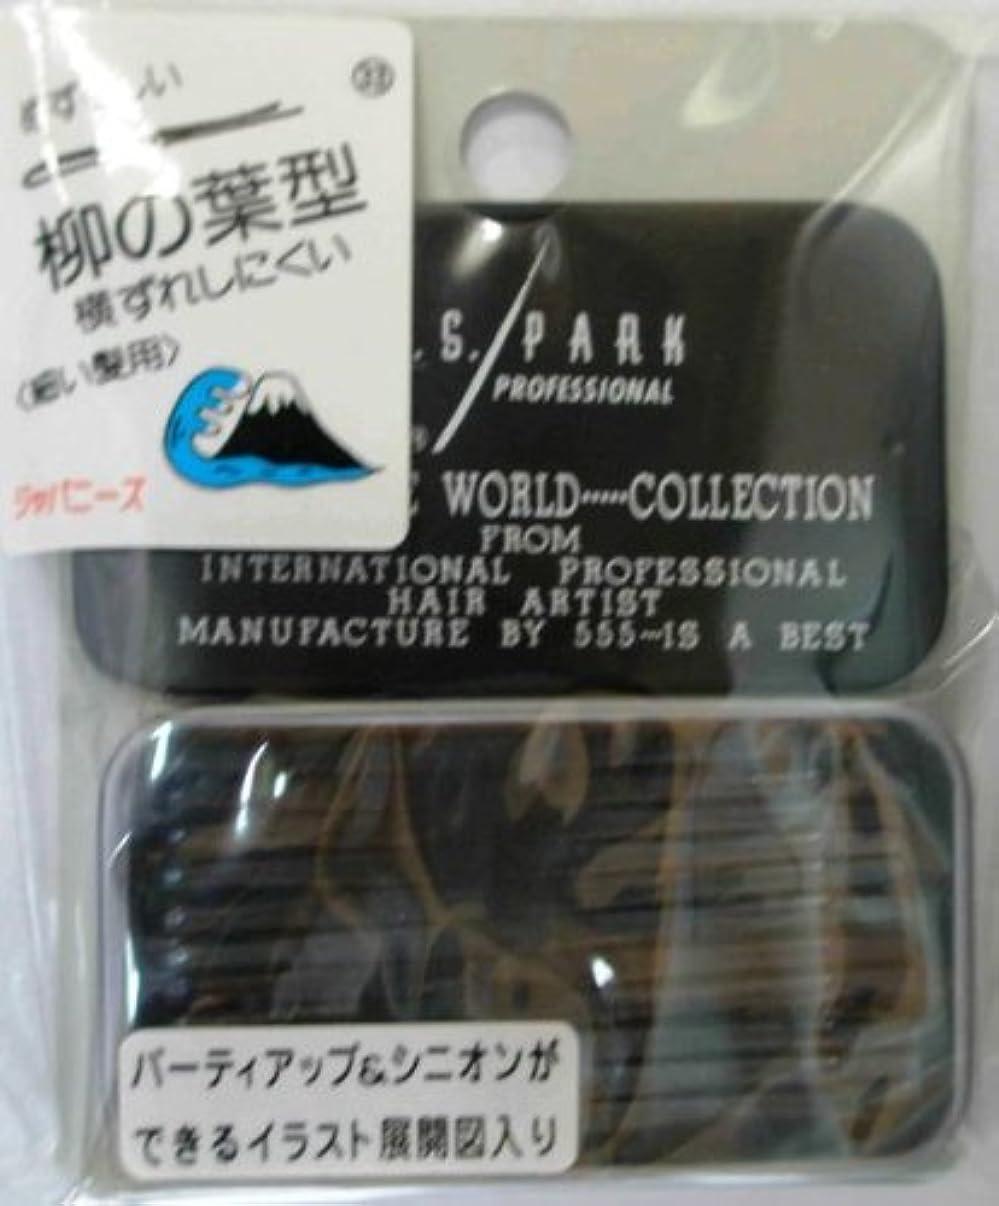 謝罪彫る分数Y.S.PARK世界のヘアピンコレクションNo.33(細い髪用)ジャパニーズ32P